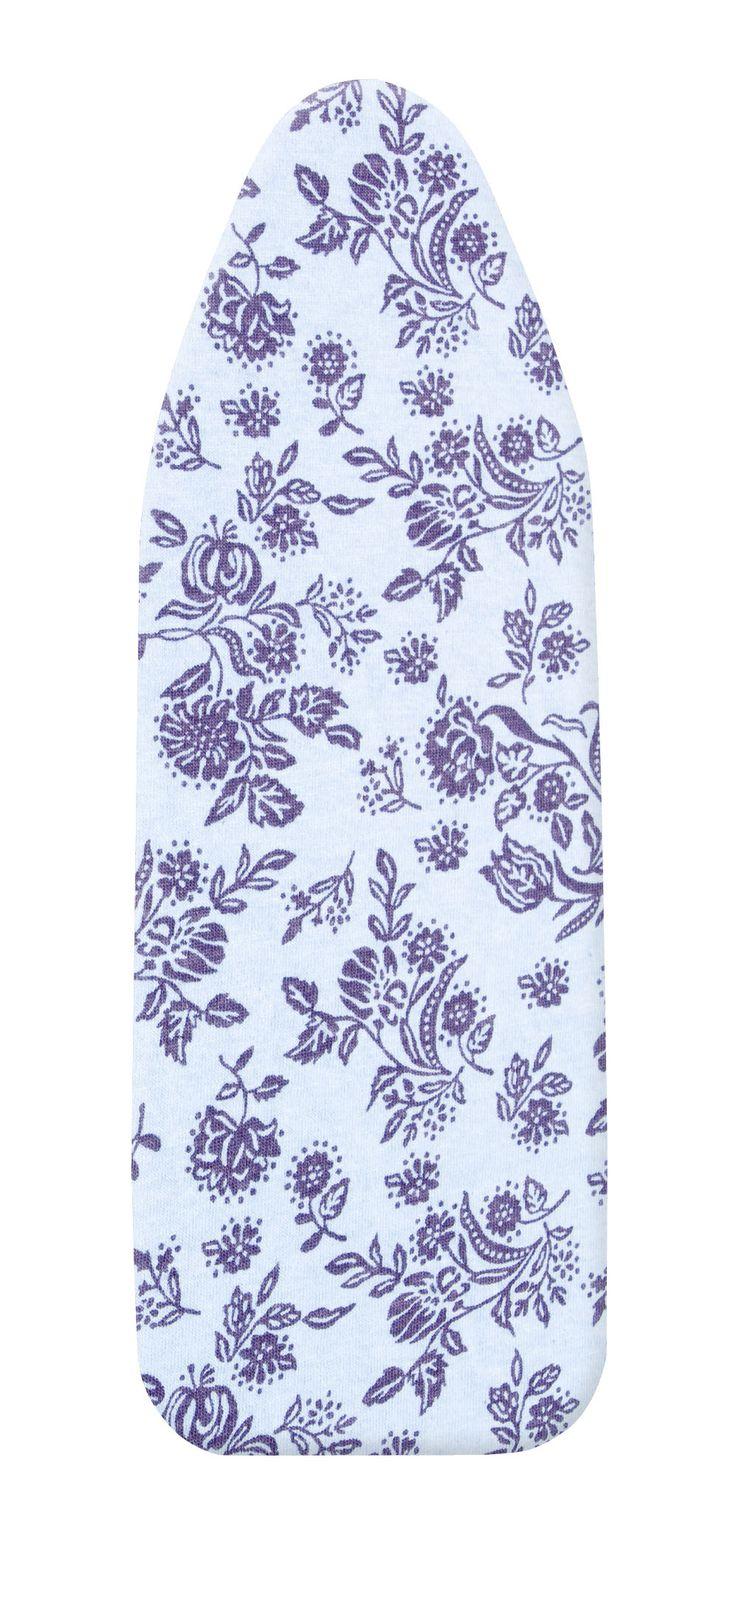 WENKO Bügeltischbezug Universal Keramik Blume Universalgröße  Description: Einer für alle - der Bügeltischbezug KERAMIK Blume in Blau ist dehnbar und passt so auf jeden Bügeltisch und jedes Bügelbrett von Größe S bis XXL. Die revolutionäre unterseitige Keramik-Beschichtung sorgt für optimale Hitzereflexion und spart bis zu 50% Bügelzeit und Energie. Mit Easy Glide einer spezieller Oberflächenbehandlung zur Sicherstellung von optimaler Gleitfähigkeit bietet er höchsten Bügel-Komfort. Die…